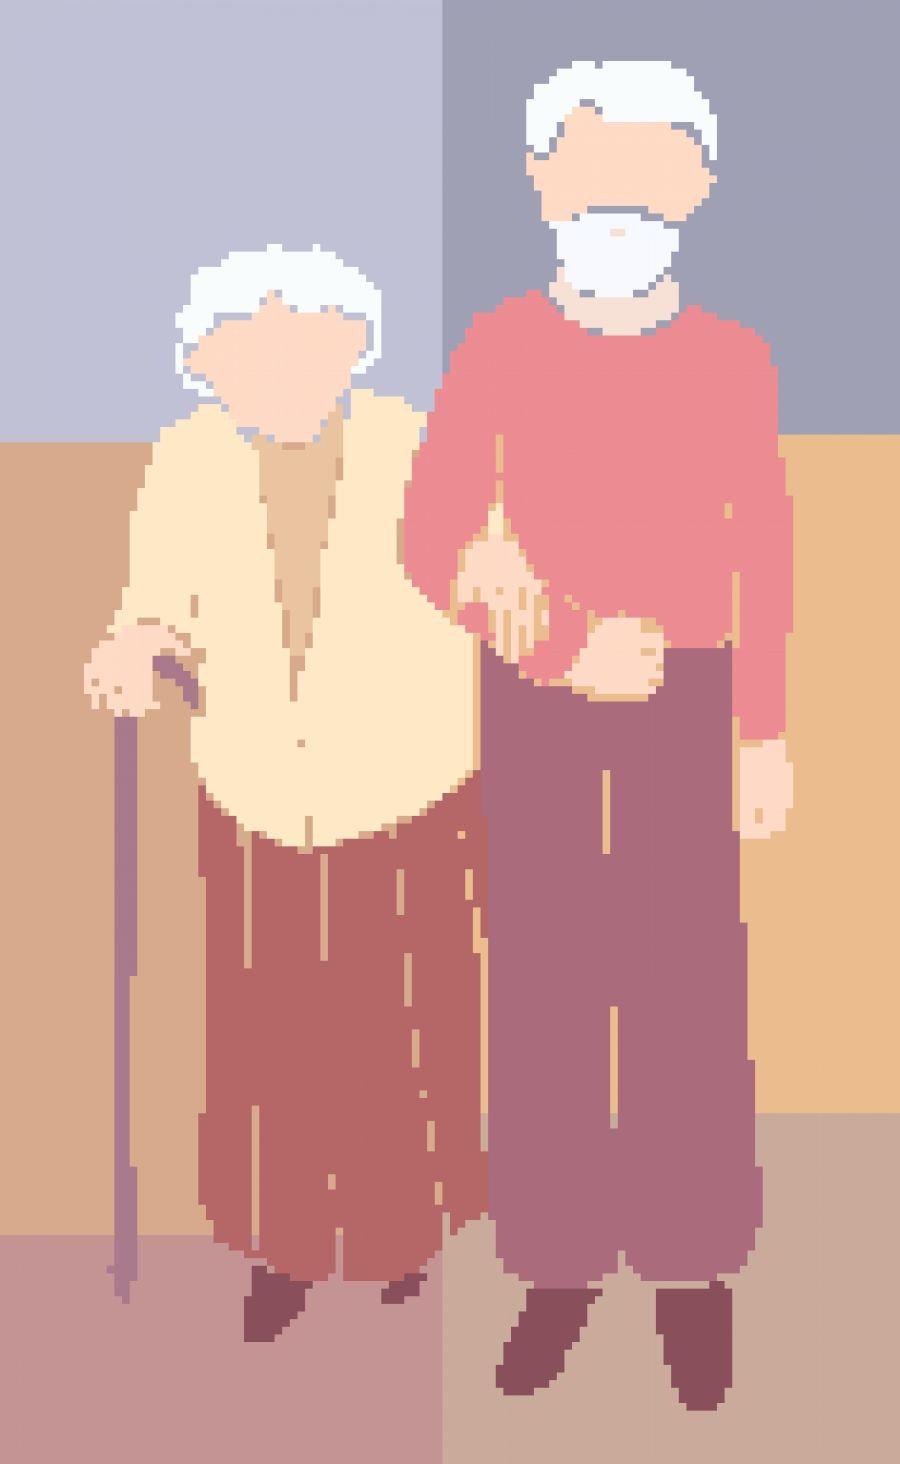 Los dos abuelos Manos encallecidas Arrugas pronunciadas Espaldas hoy dobladas Ojos ya apagados Con miradas entristecidas Y pasos ya cansados...